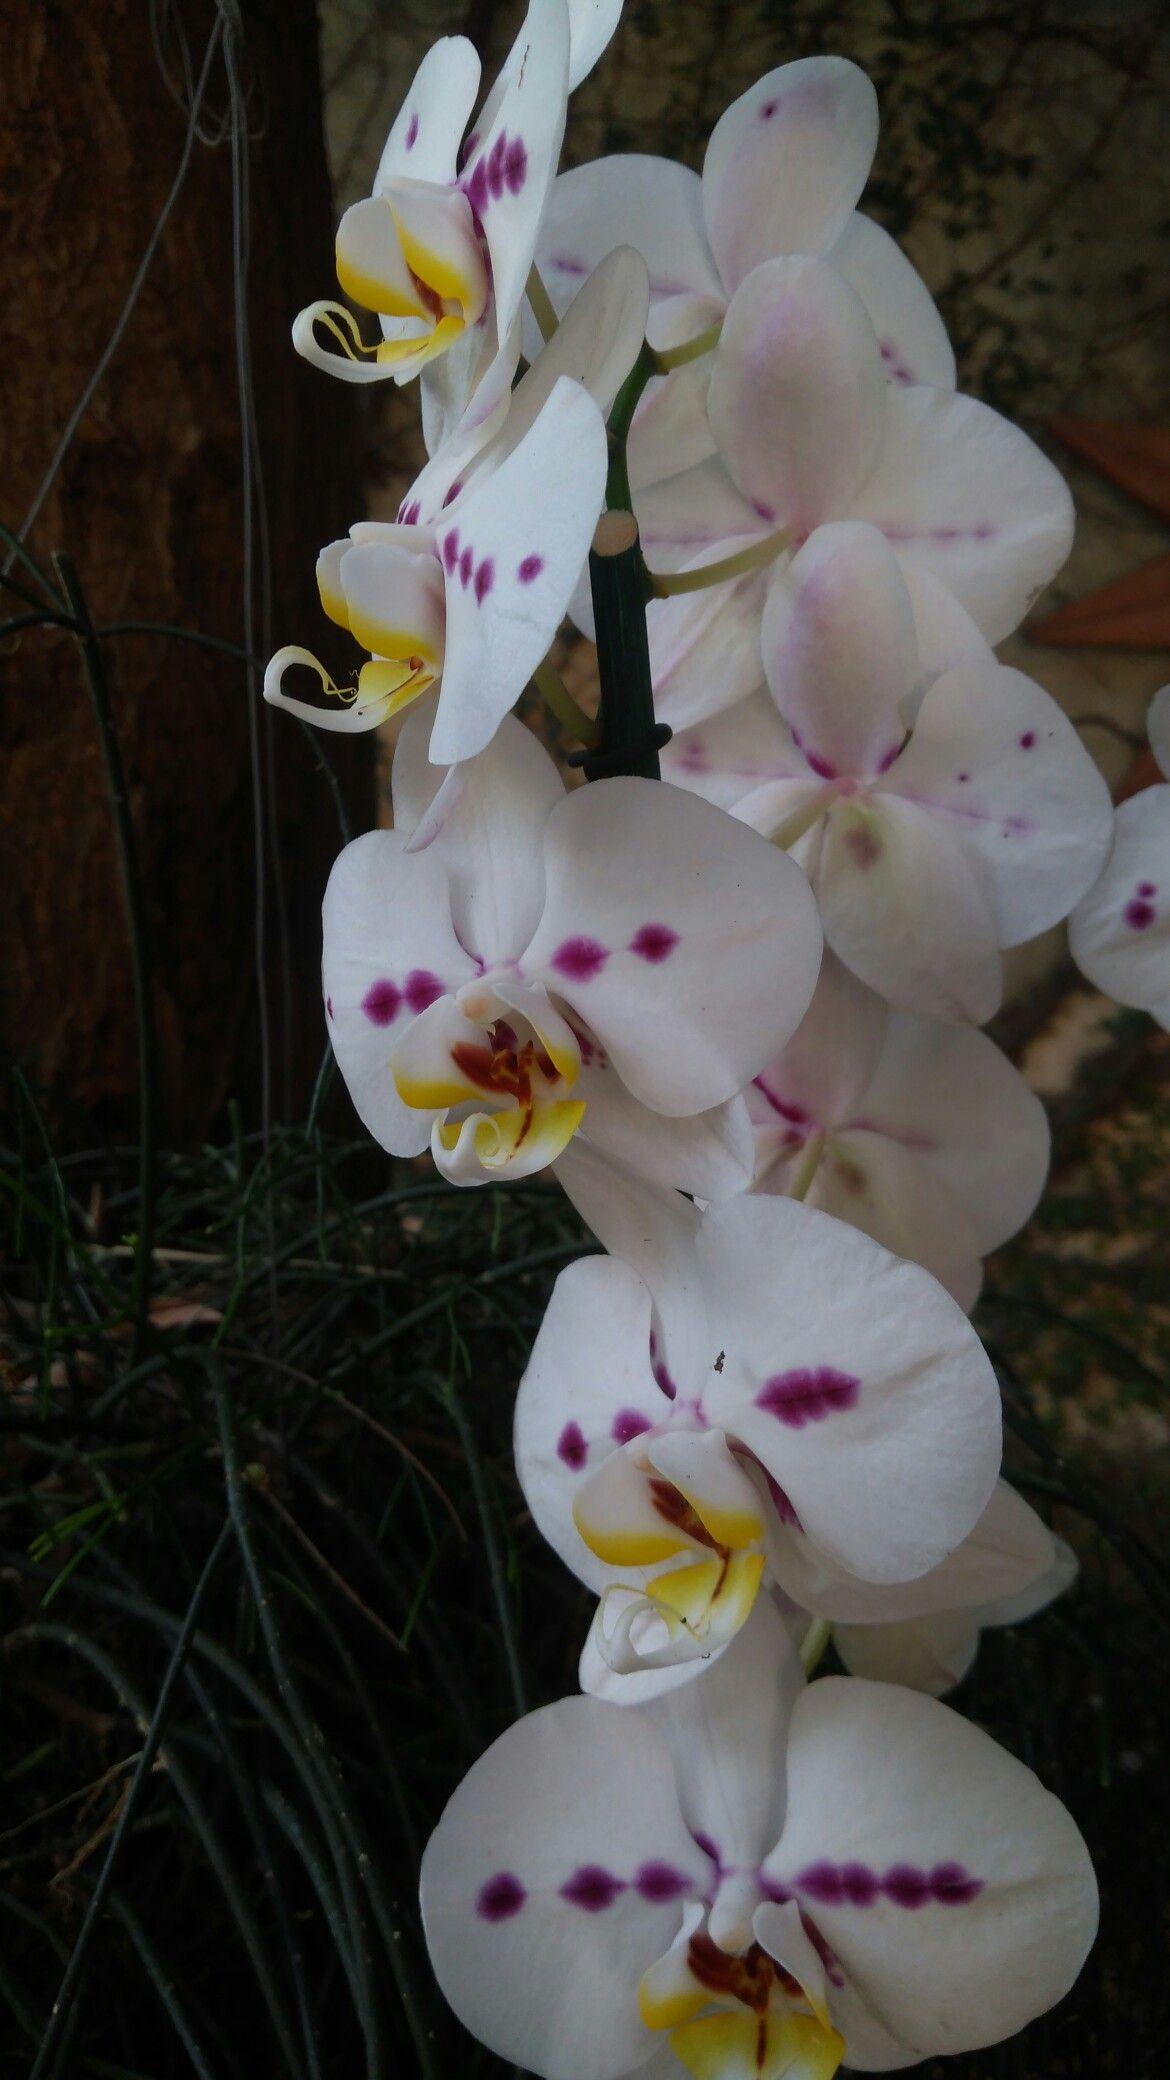 Pin de Divando Barbosa em Flores Caldas novas